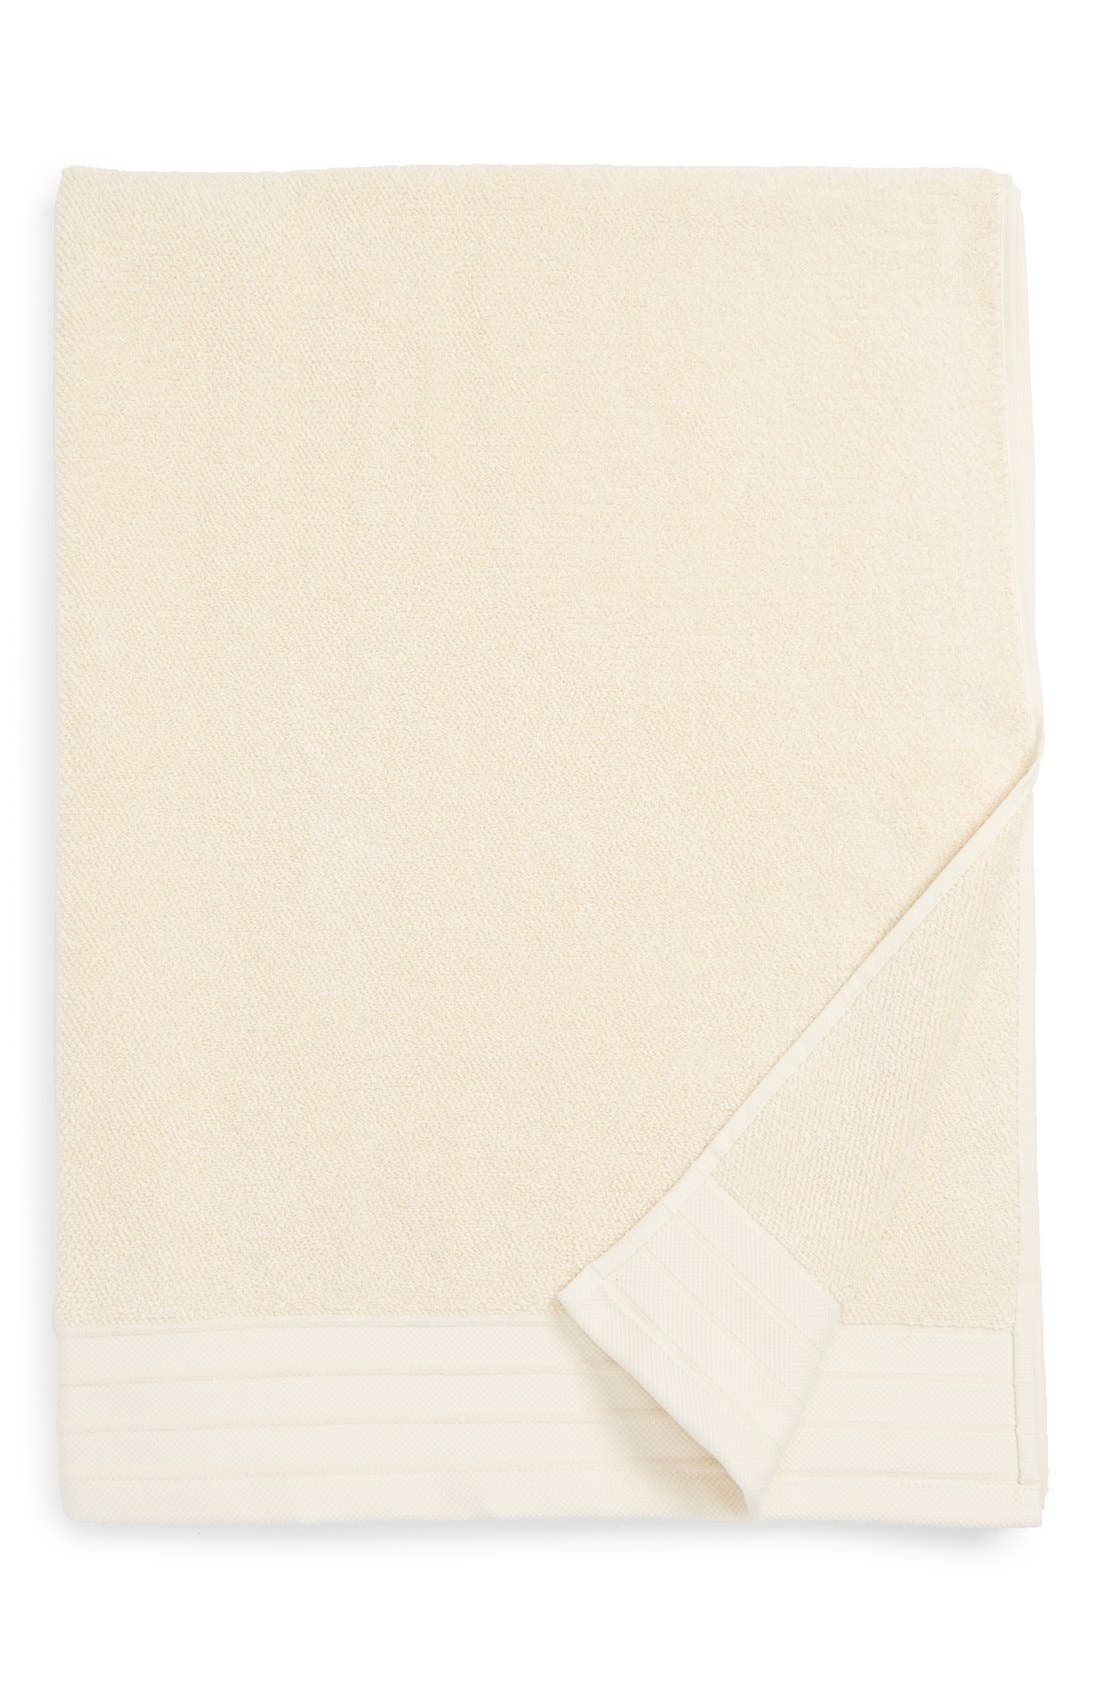 Main Image - UGG® Classic Luxe Cotton Bath Sheet